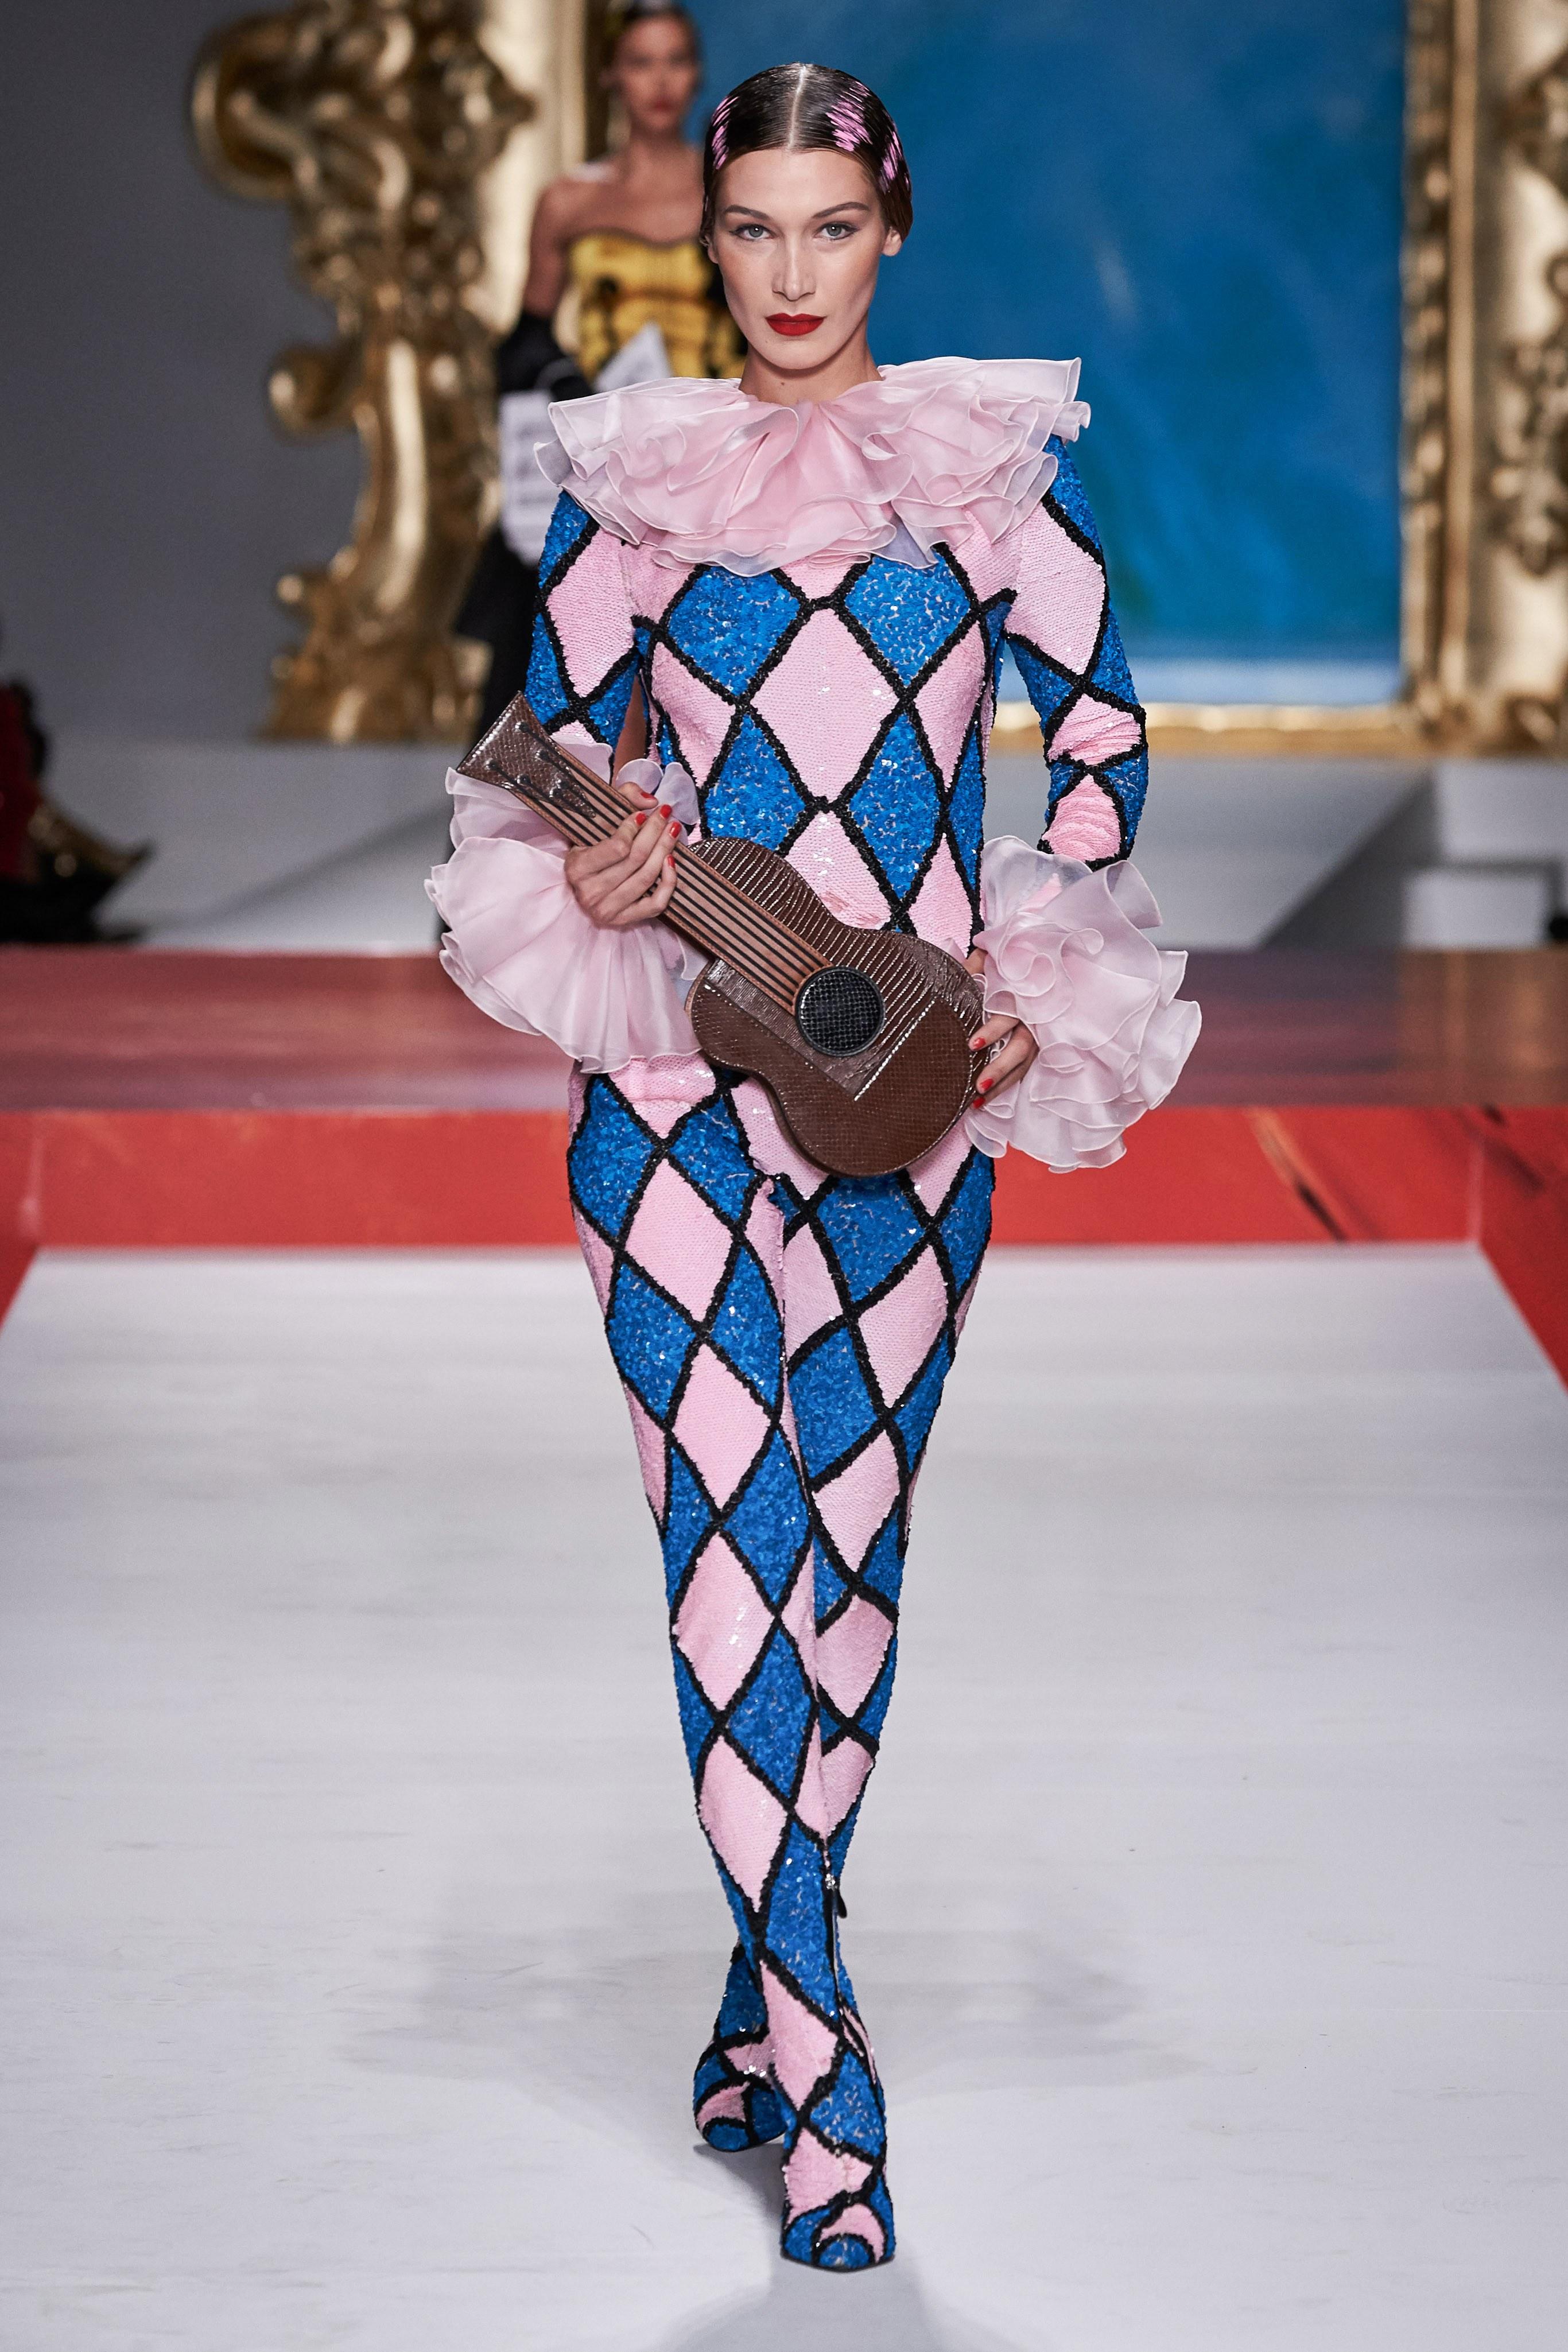 bella hadid mặc đồ harlequin bộ sưu tập moshino xuân hè 2020